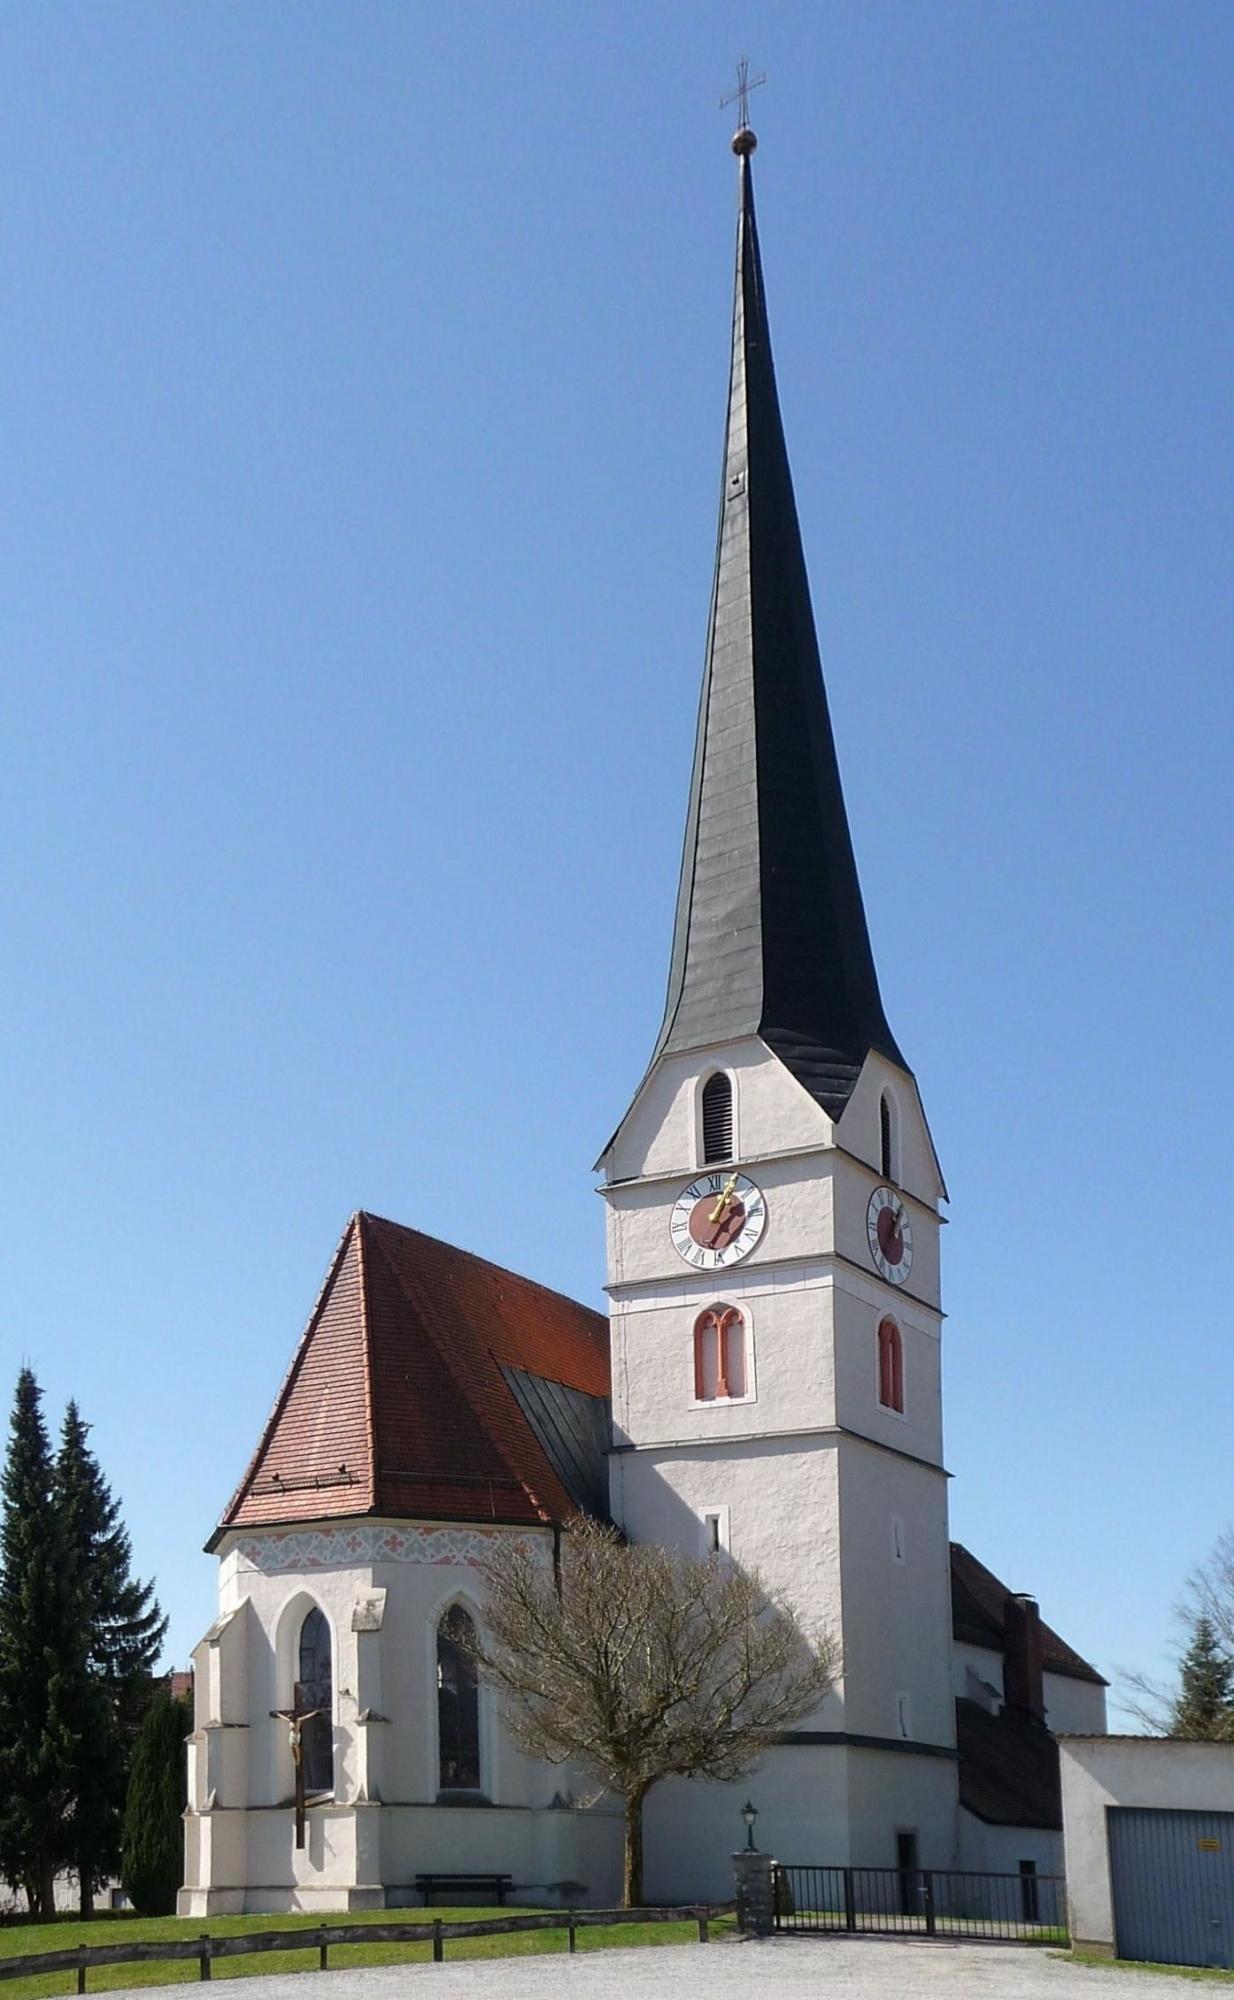 Pfarrkirche Sulzbach am Inn 2 2